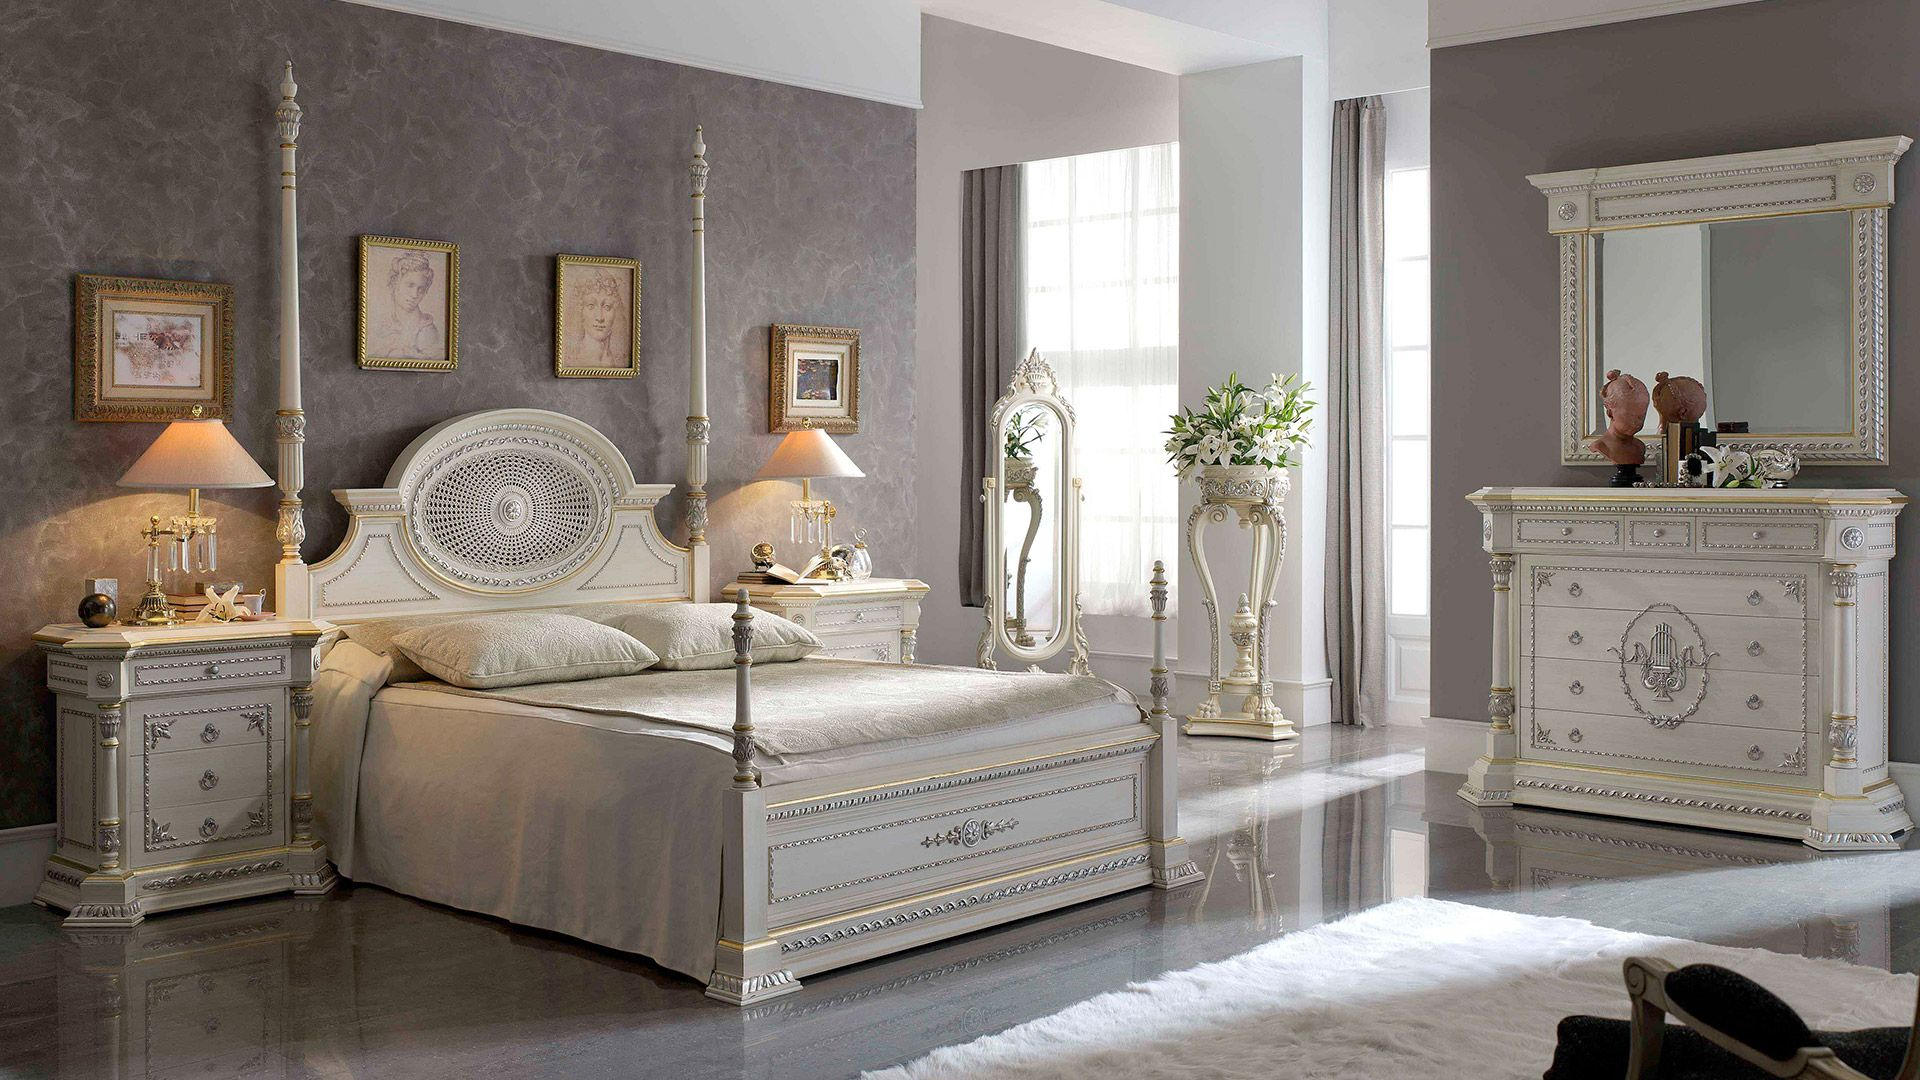 Dormitorios de lujo muebles de lujo pic bonitos for Muebles clasicos baratos